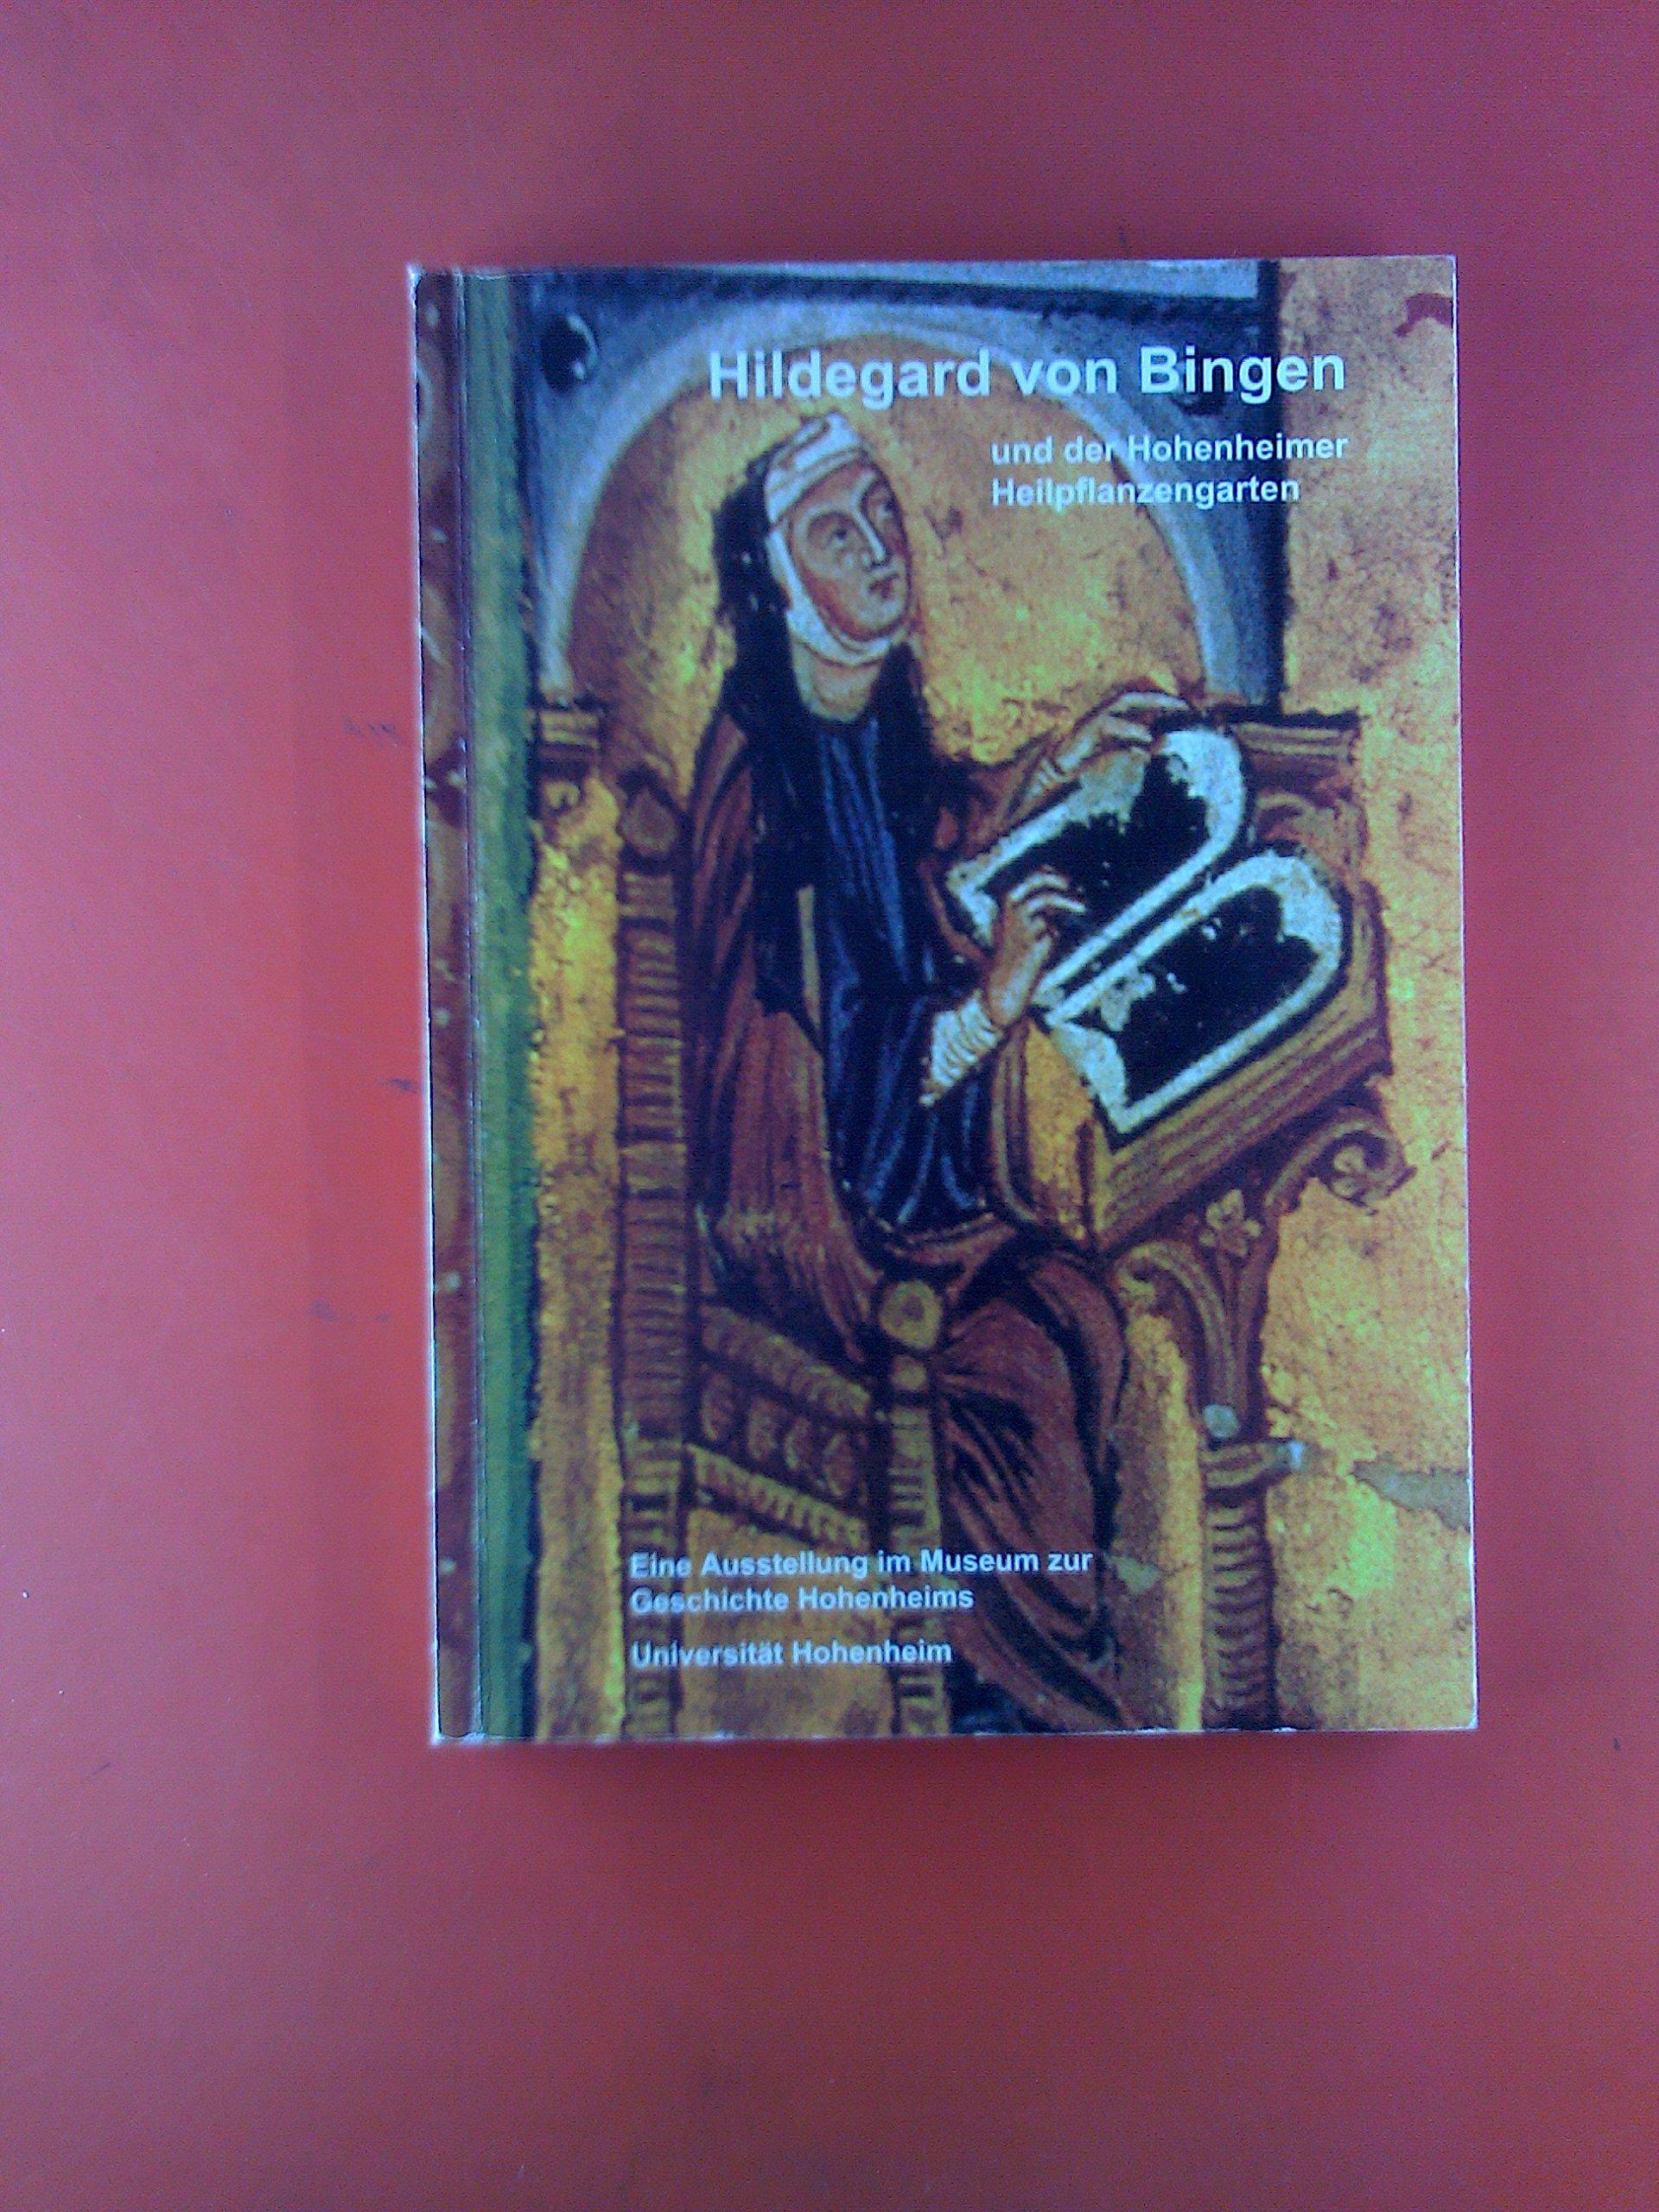 Hildegard von Bingen und der Hohenheimer Heilpflanzengarten: Eine Ausstellung im Museum zur Geschichte Hohenheims